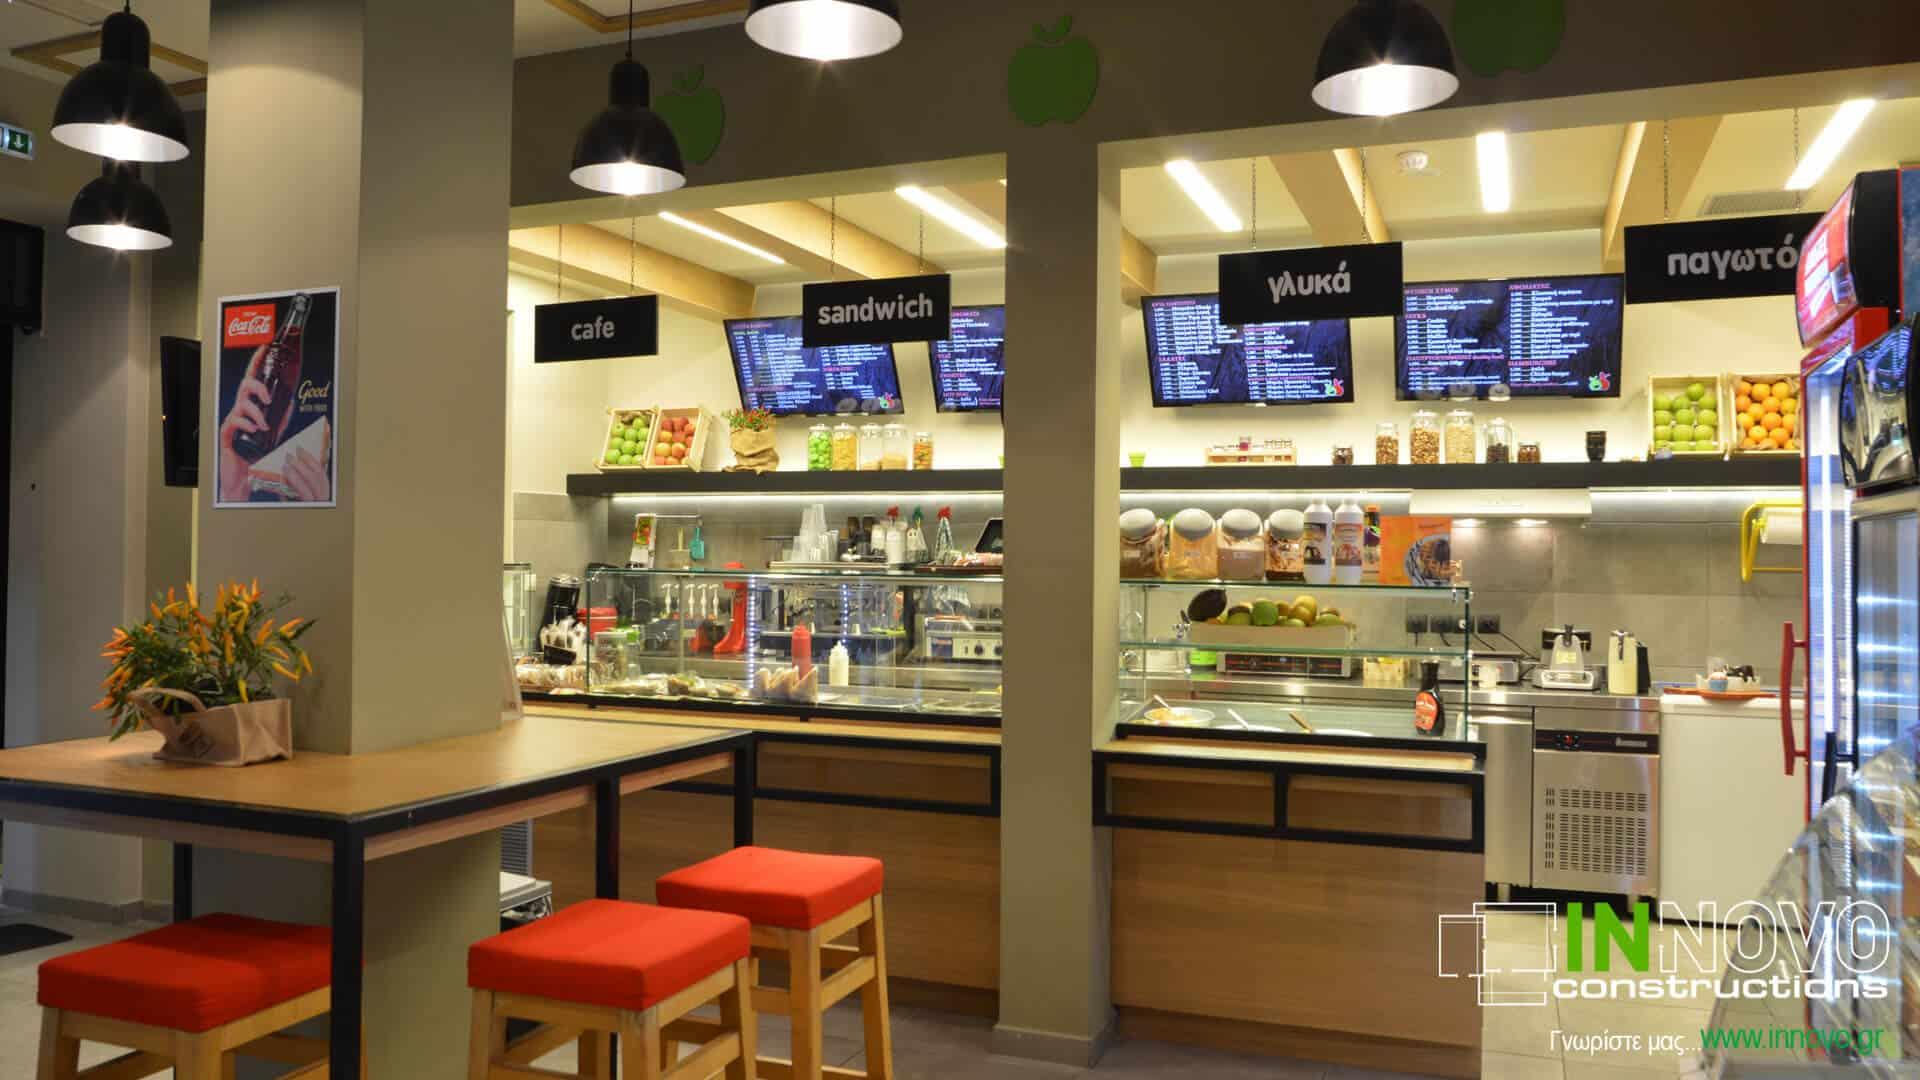 anakainisi-snack-cafe-renovation-fastfood-ano-petralona-1462-7